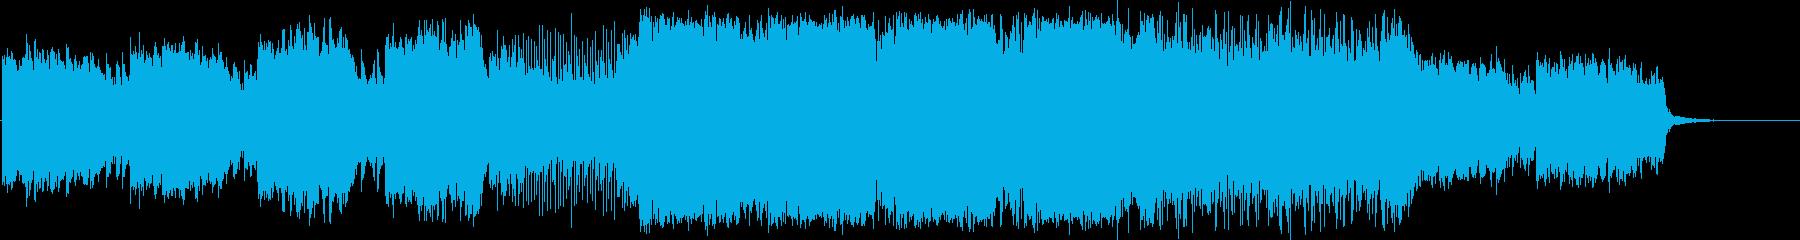 ケルト+オーケストラ ファンタジーの再生済みの波形